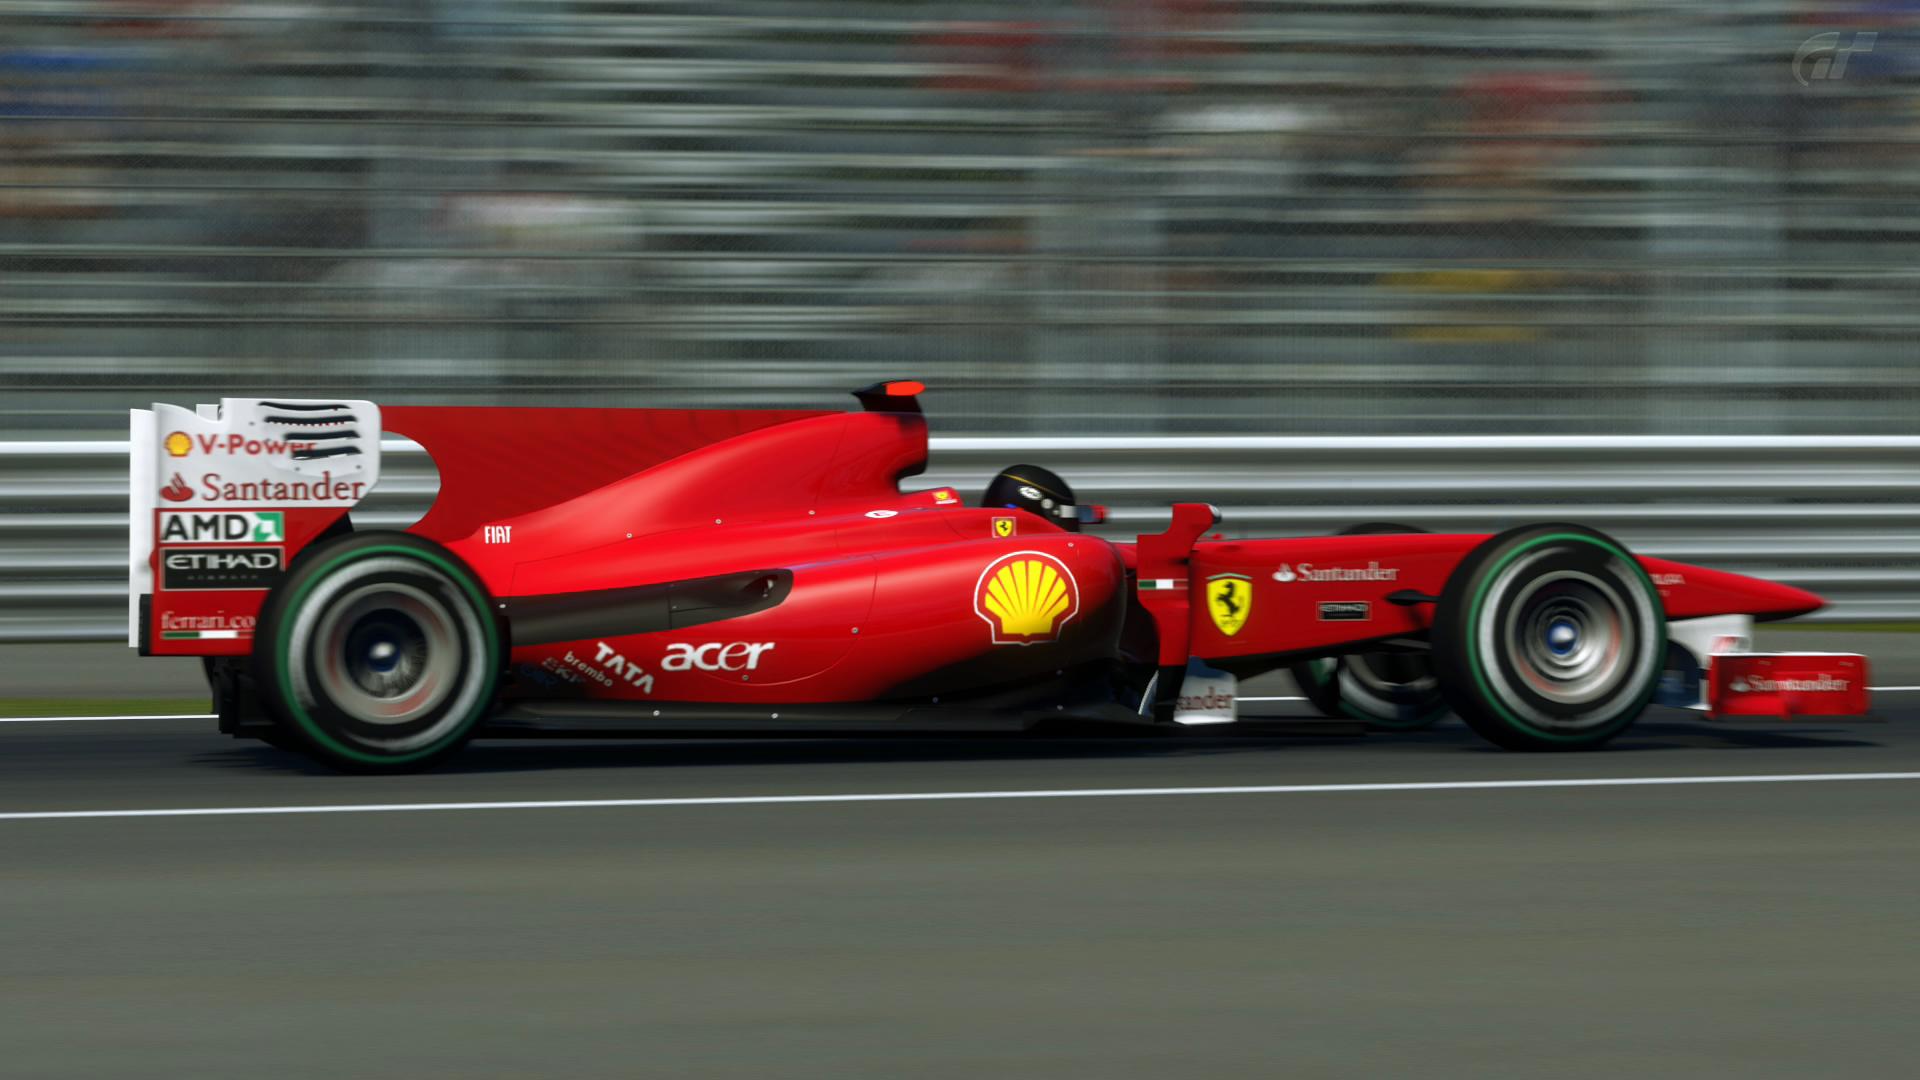 Ferrari F10 (Gran Turismo 5) by Vertualissimo on DeviantArt